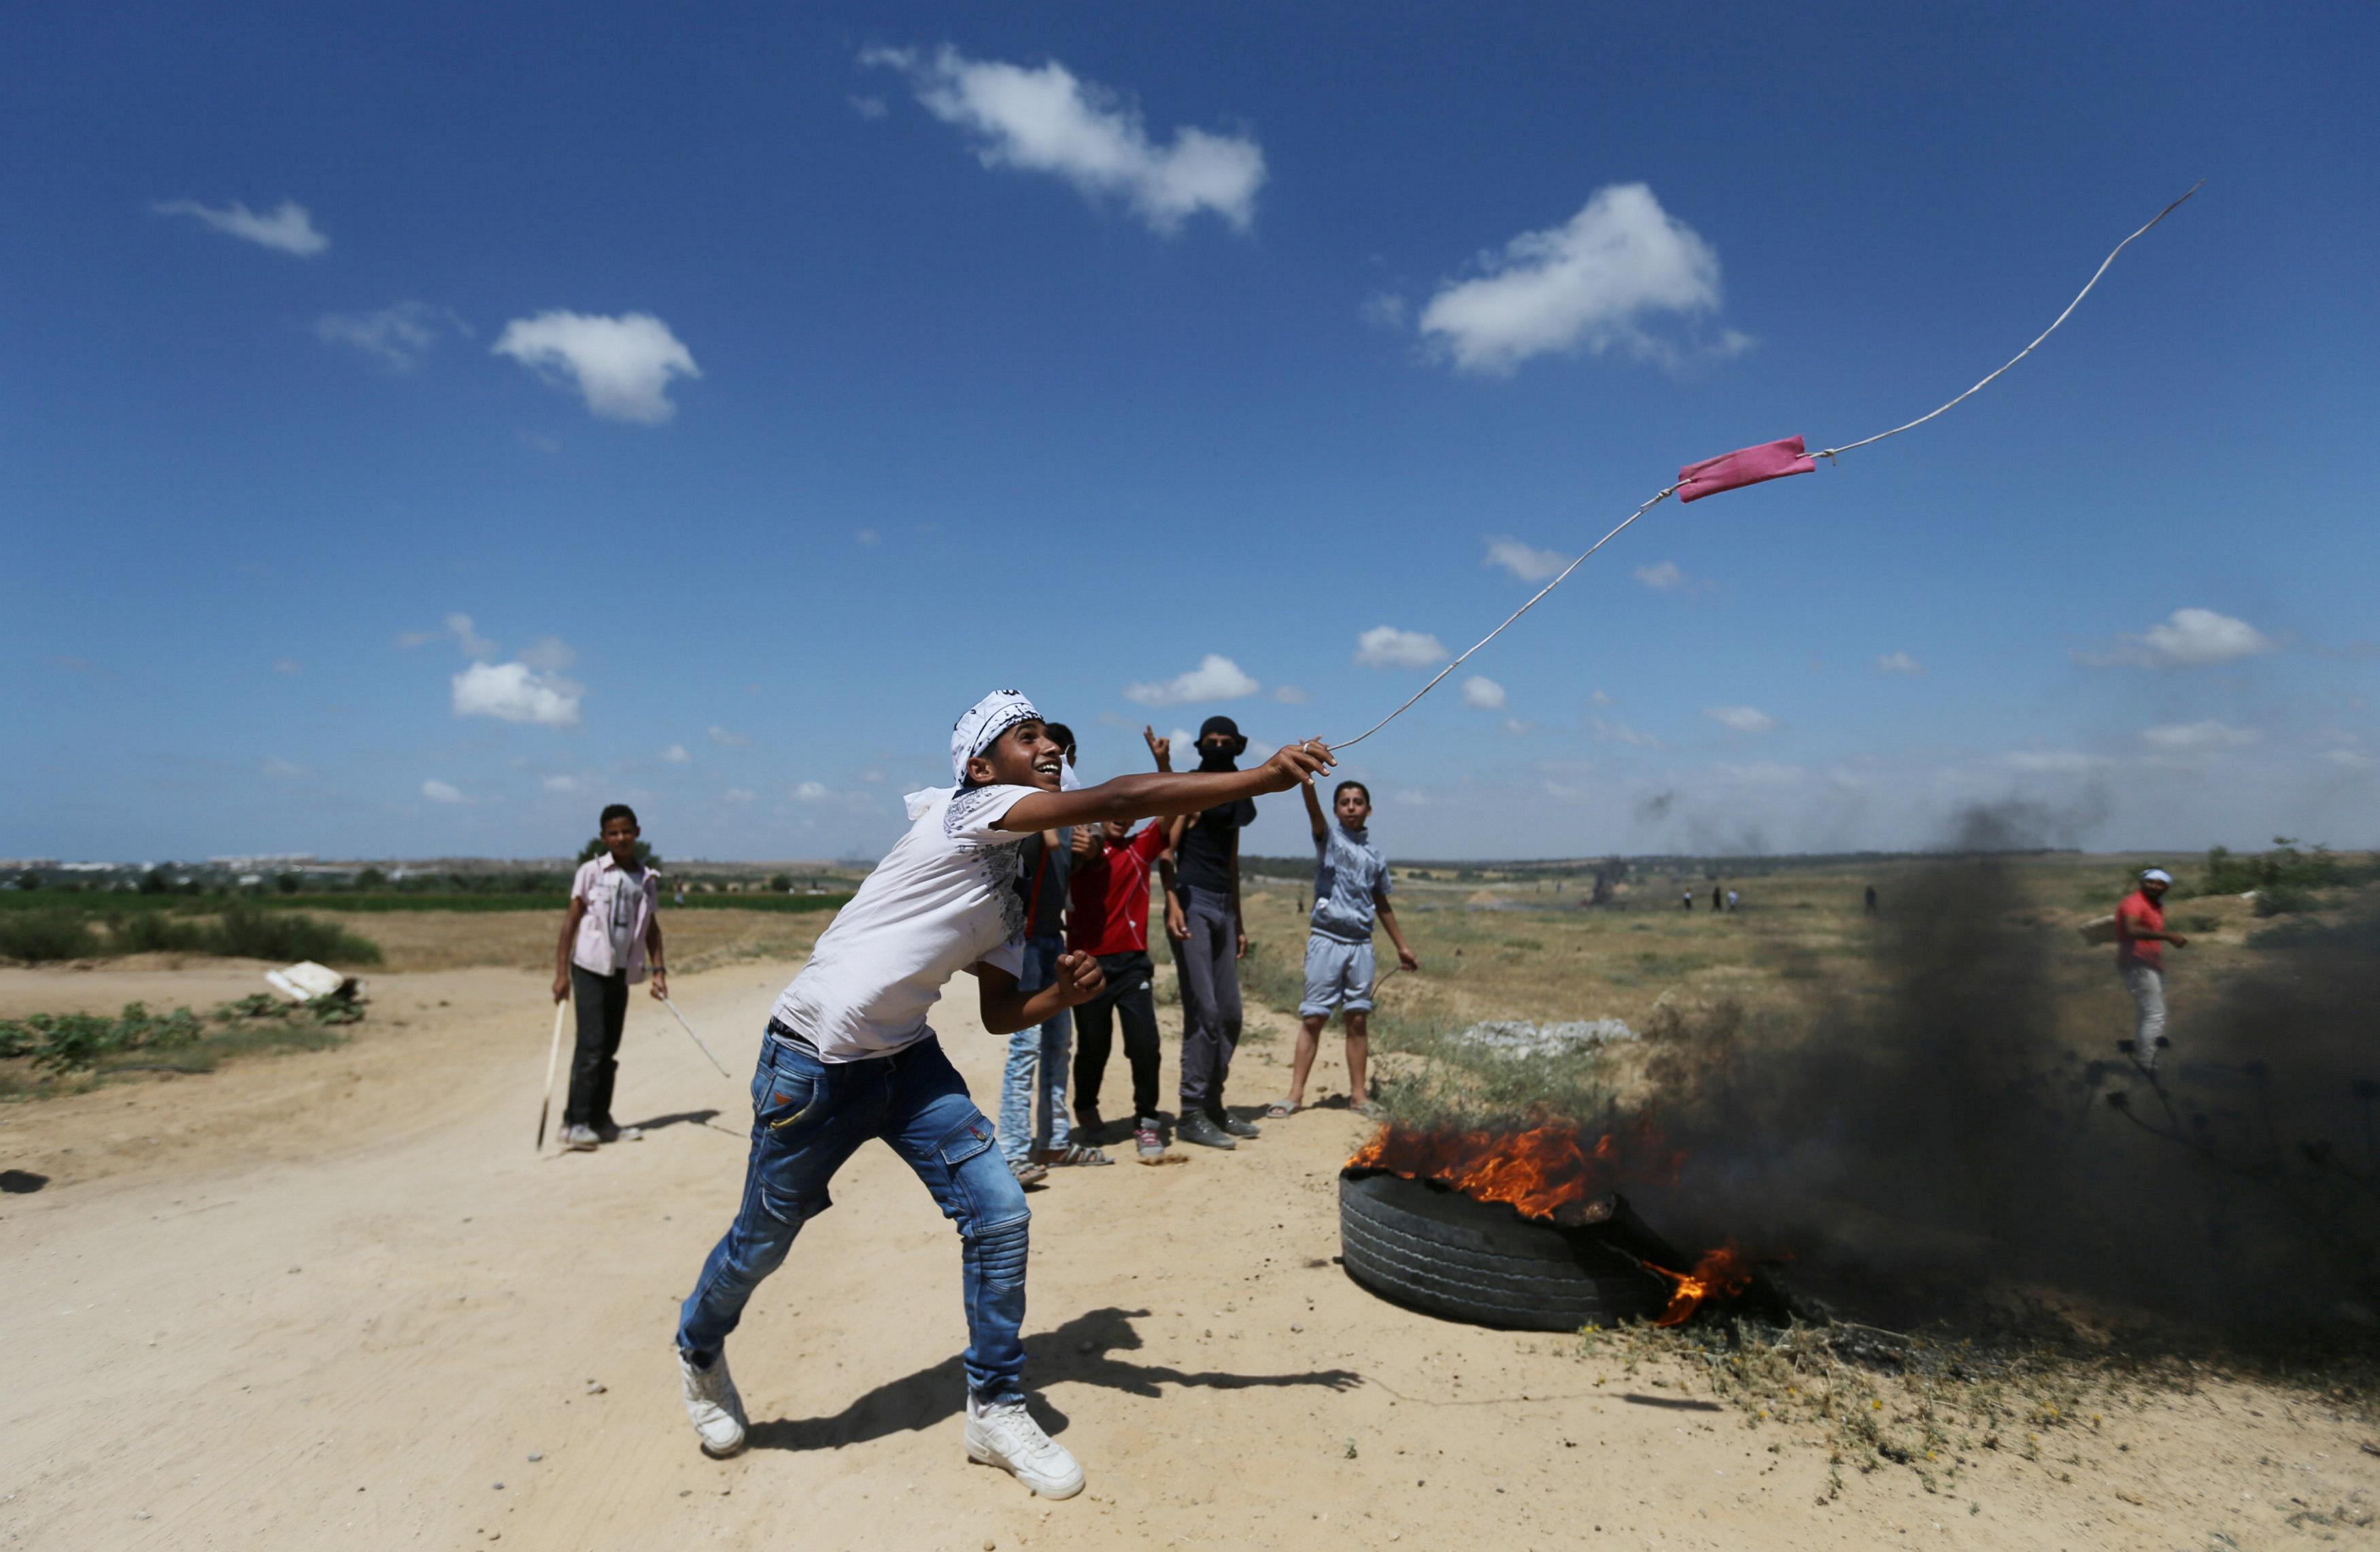 متظاهر فلسطينى يطلق الحجارة على قوات الاحتلال